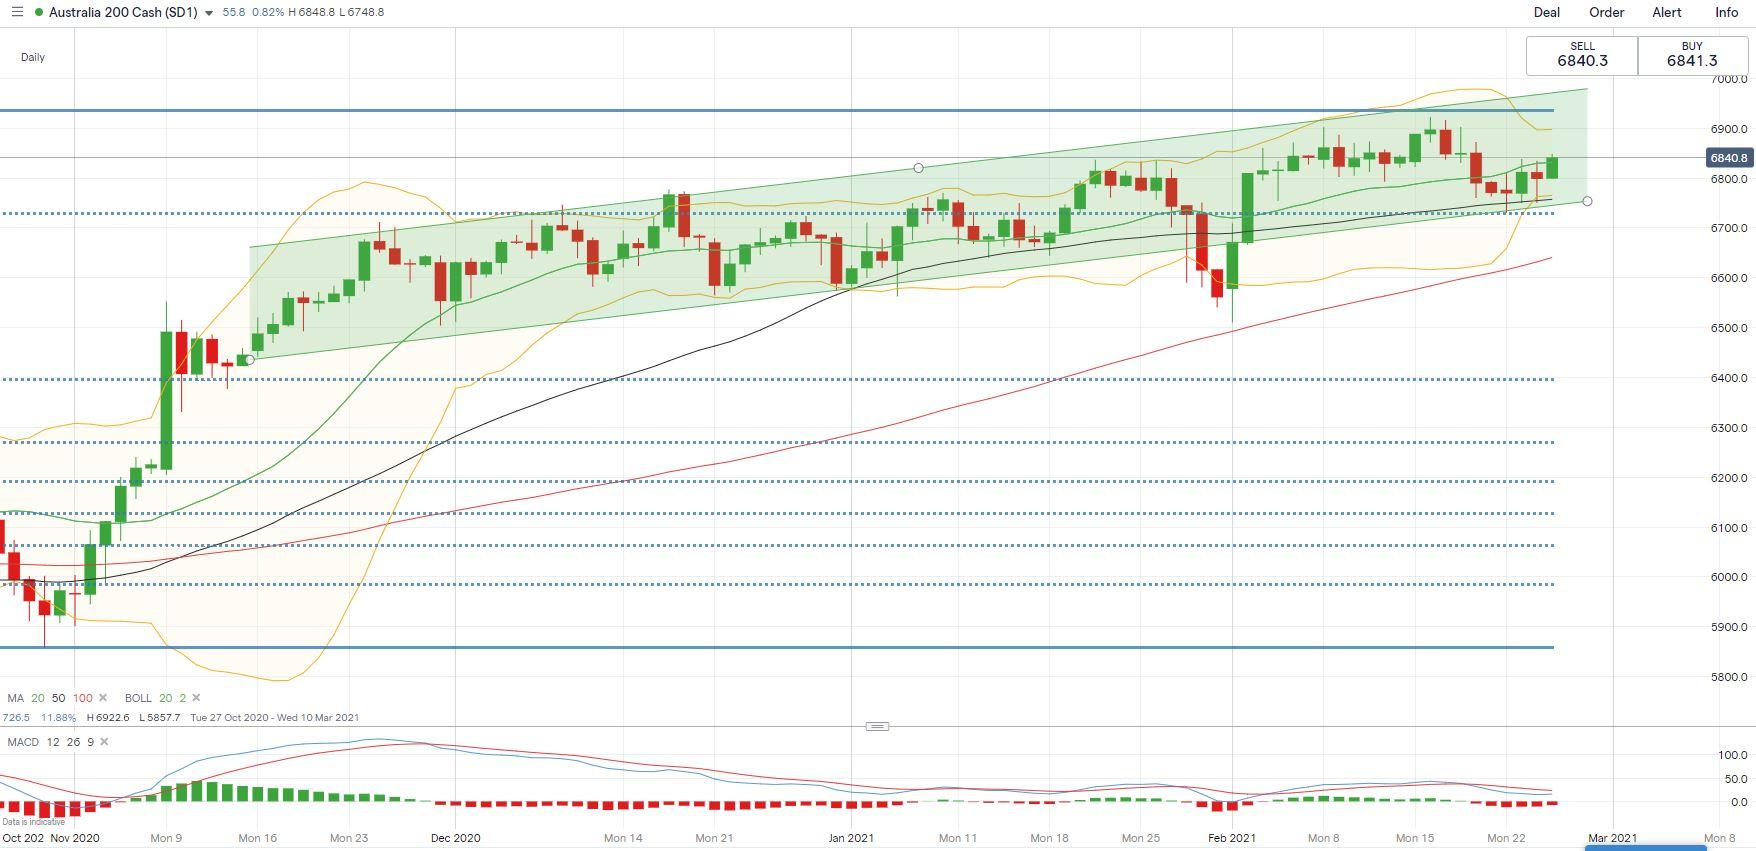 S&P 500 Rally May Lift Hang Seng, ASX 200 on Dovish Fed ...